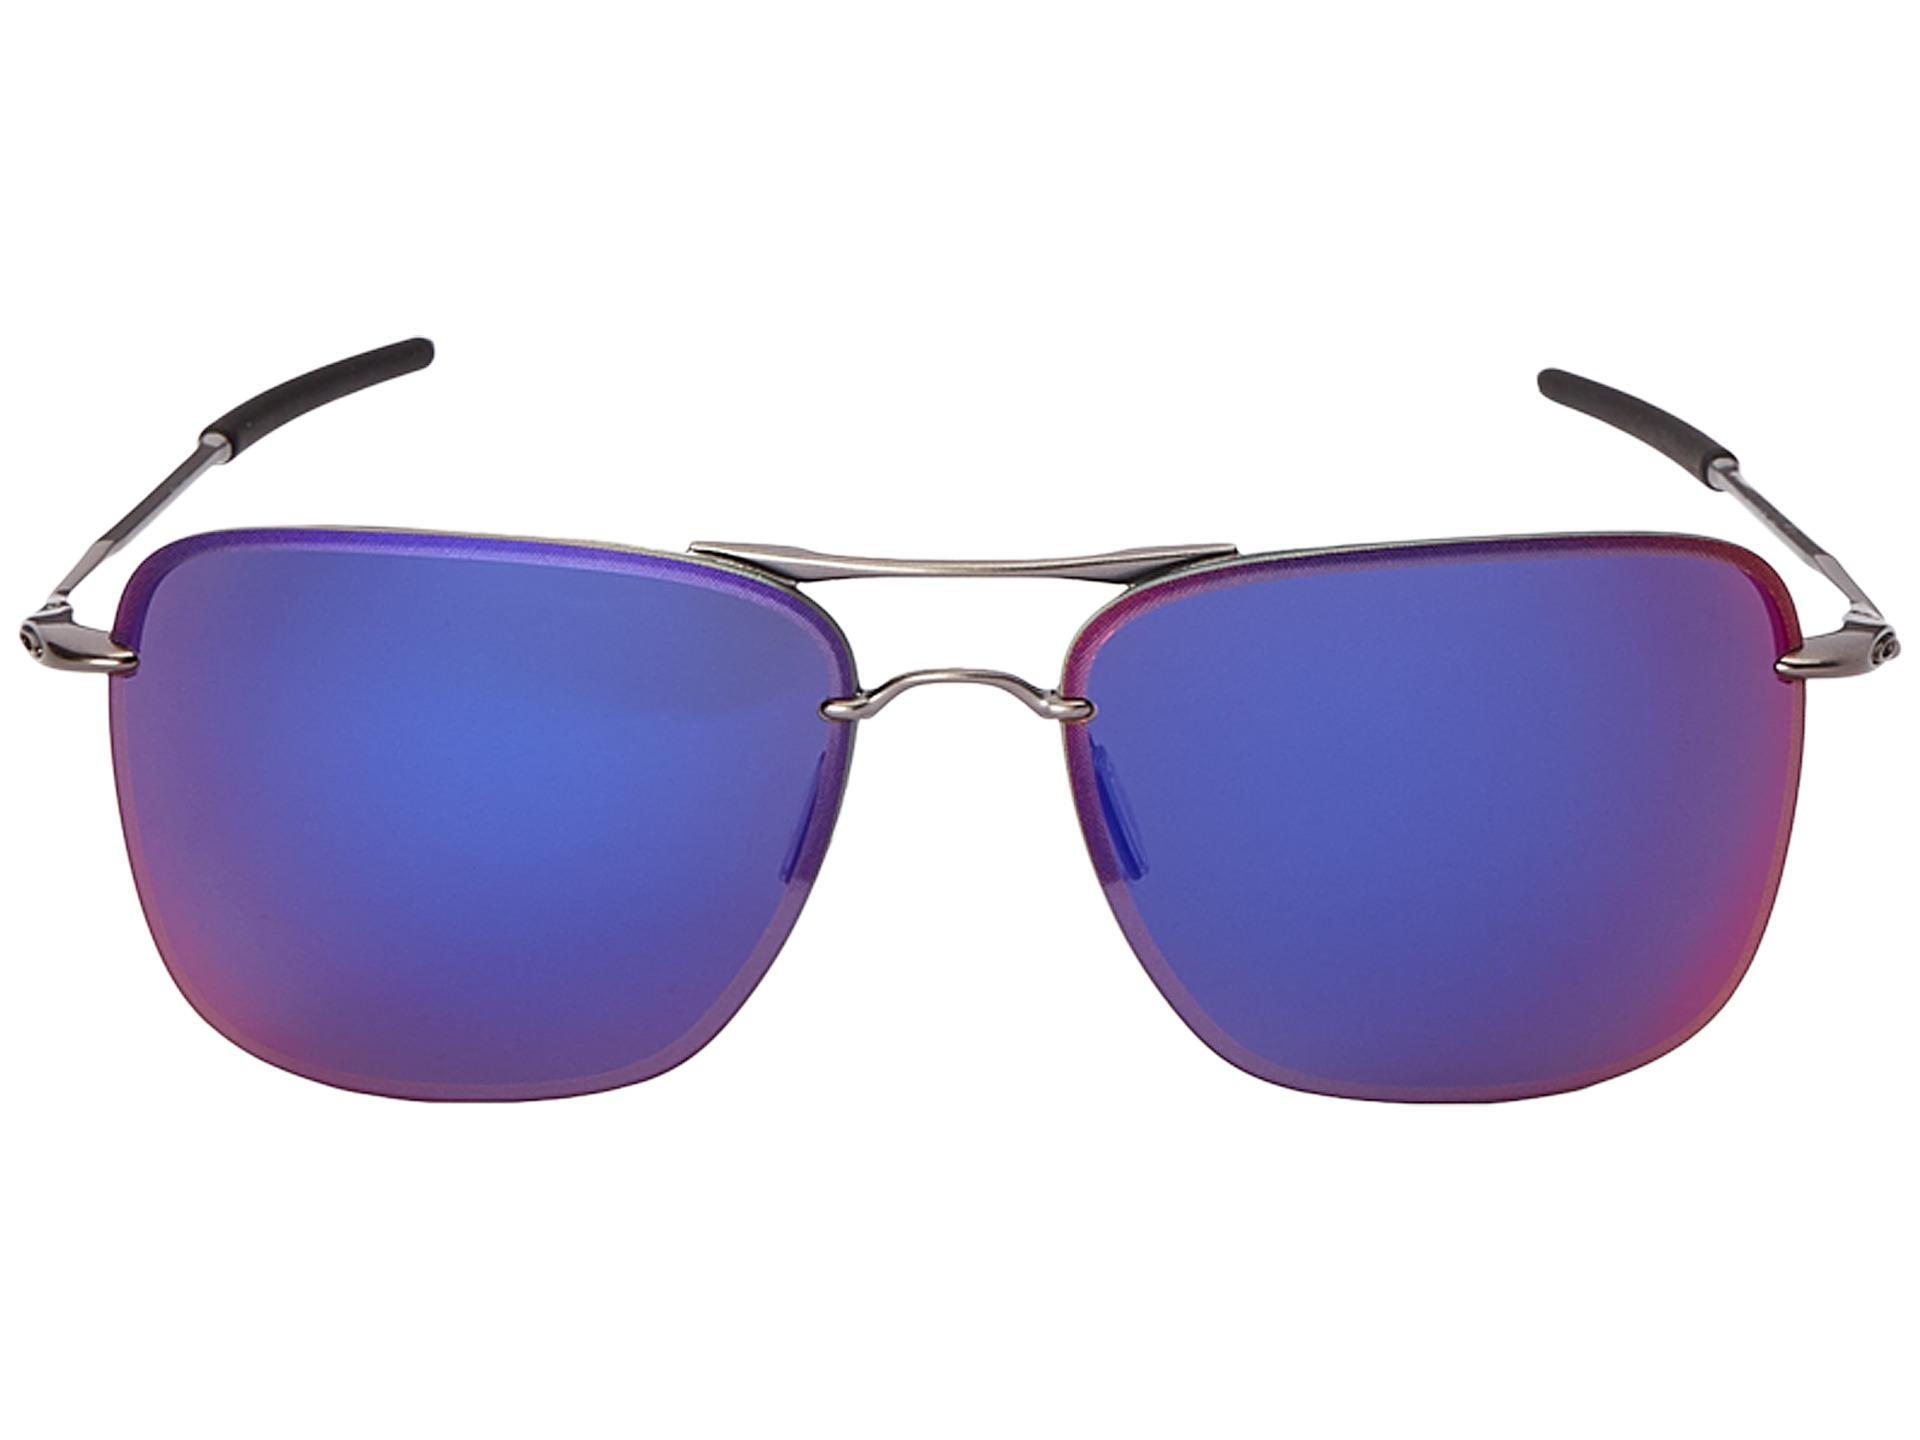 f0dda98191e Oakley Wire Frame Sunglasses Tailhook « Heritage Malta